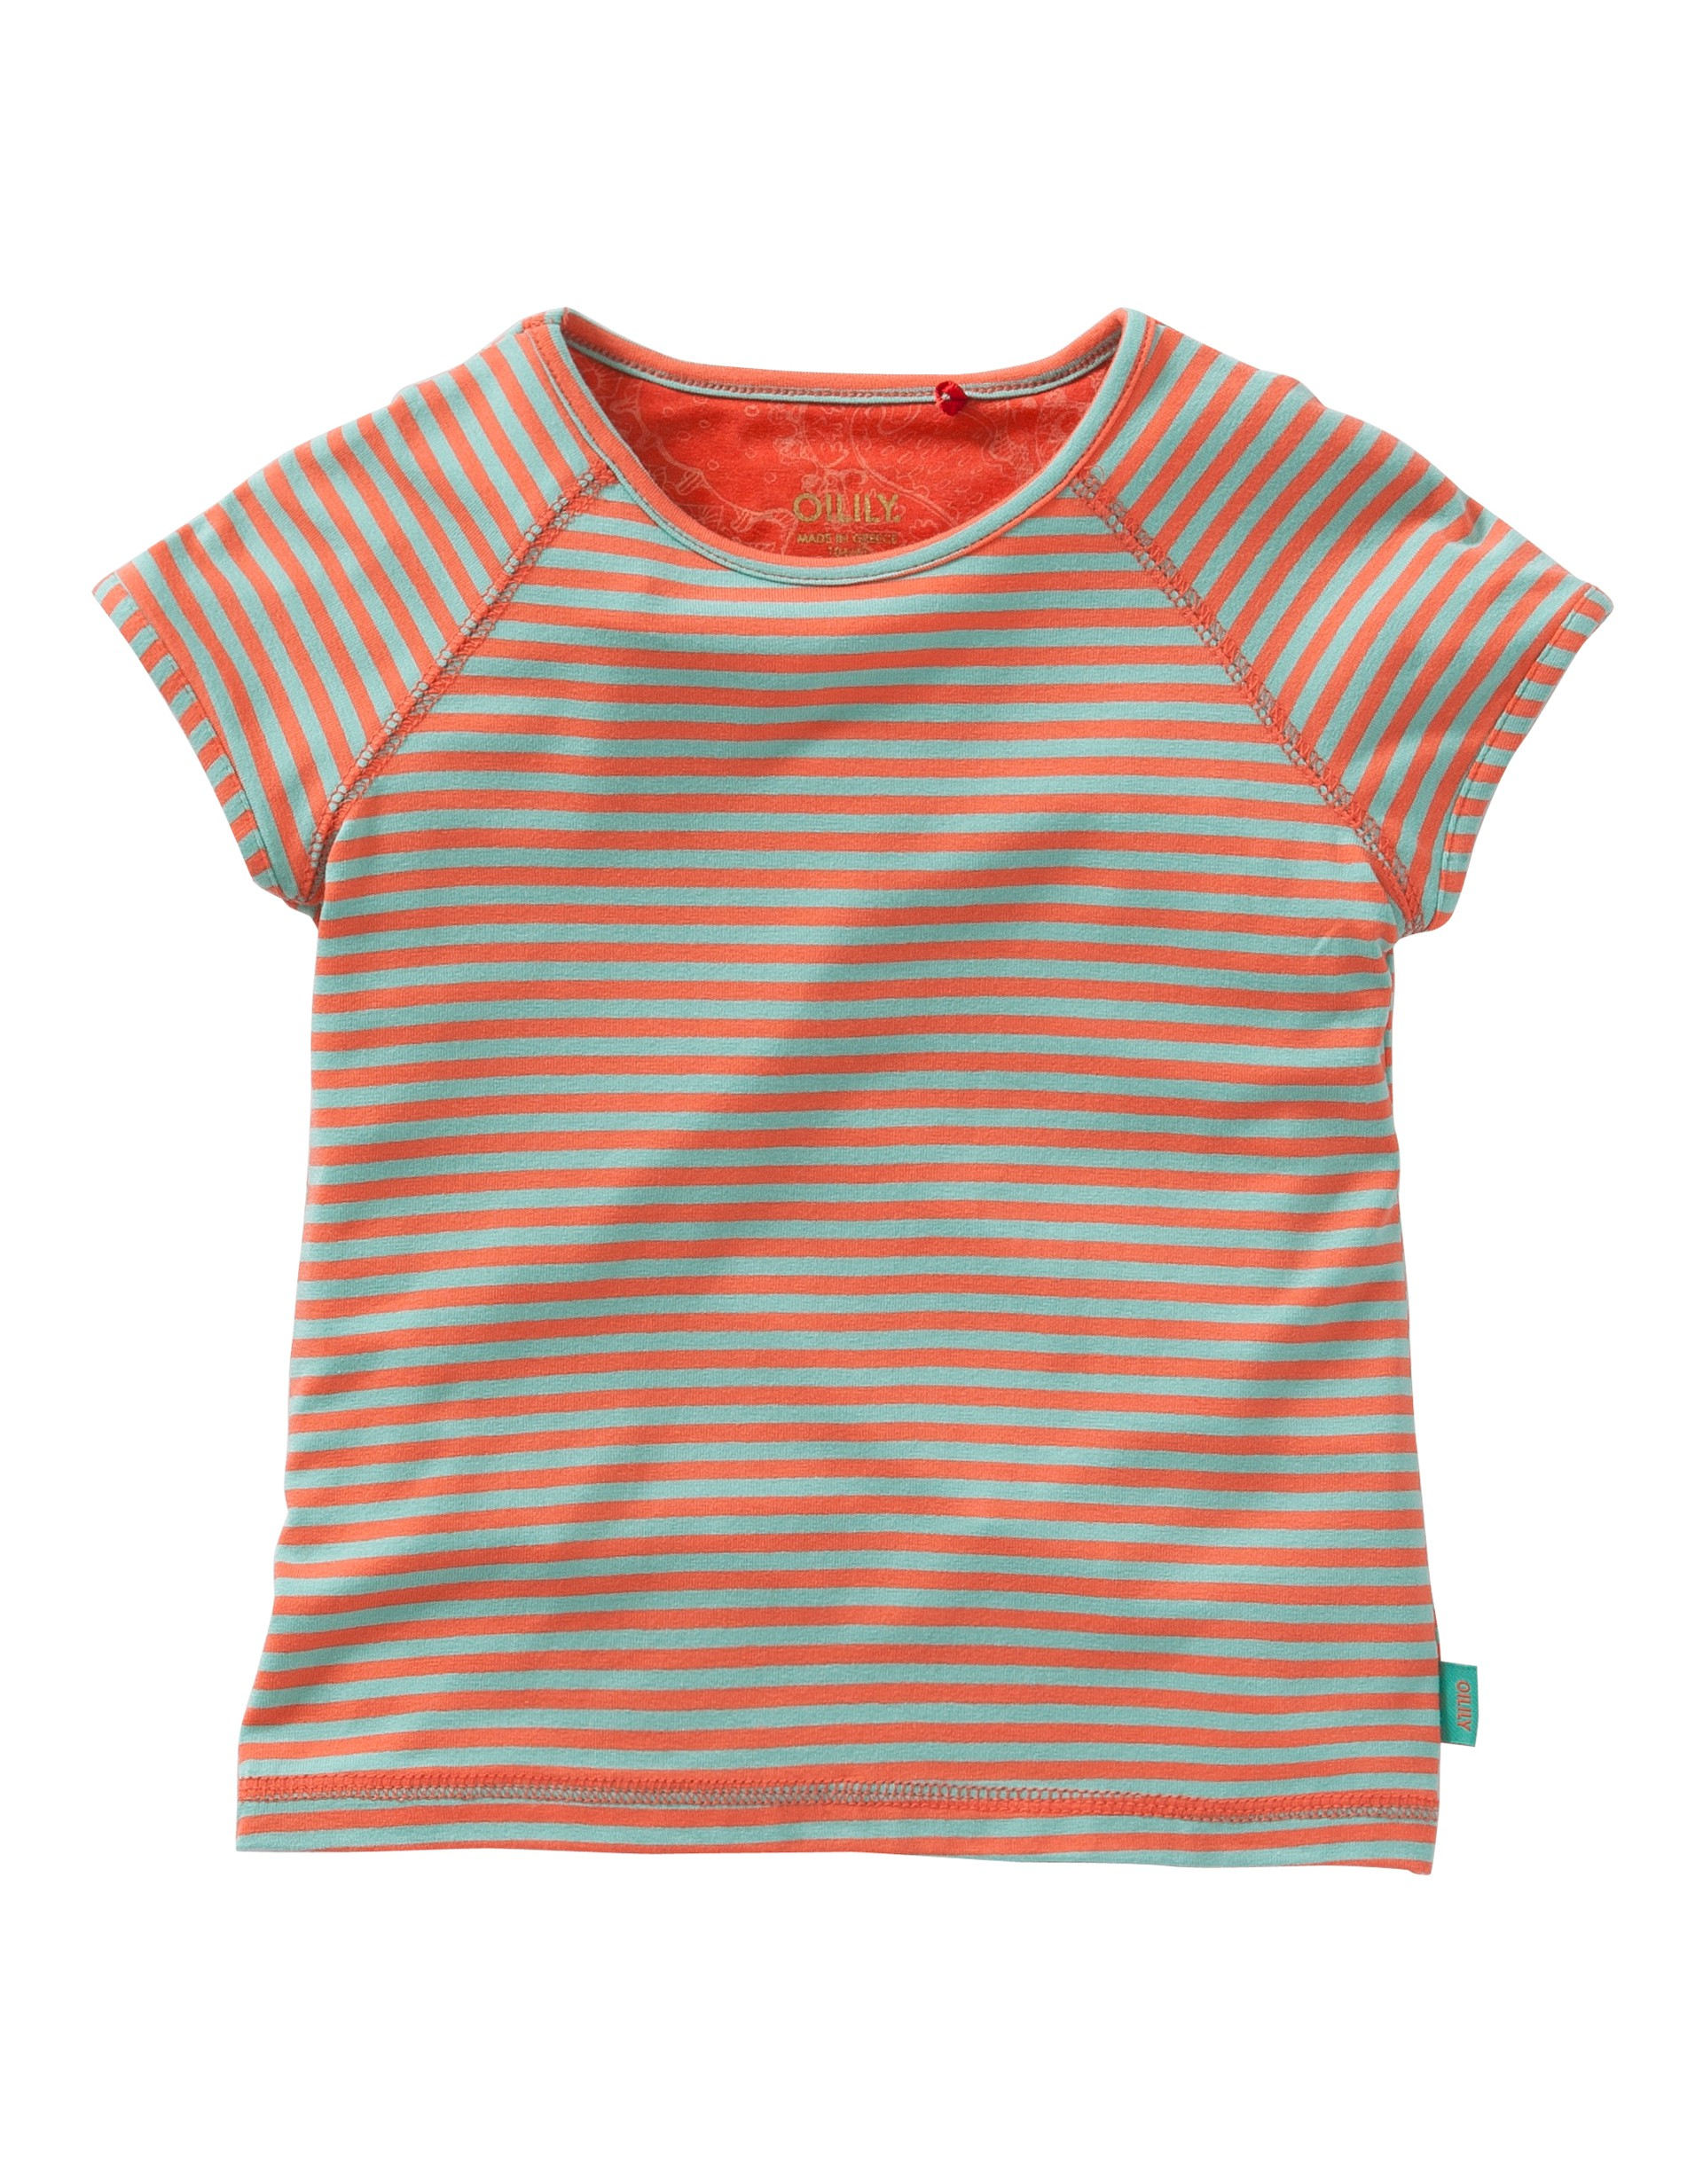 Terry T shirt